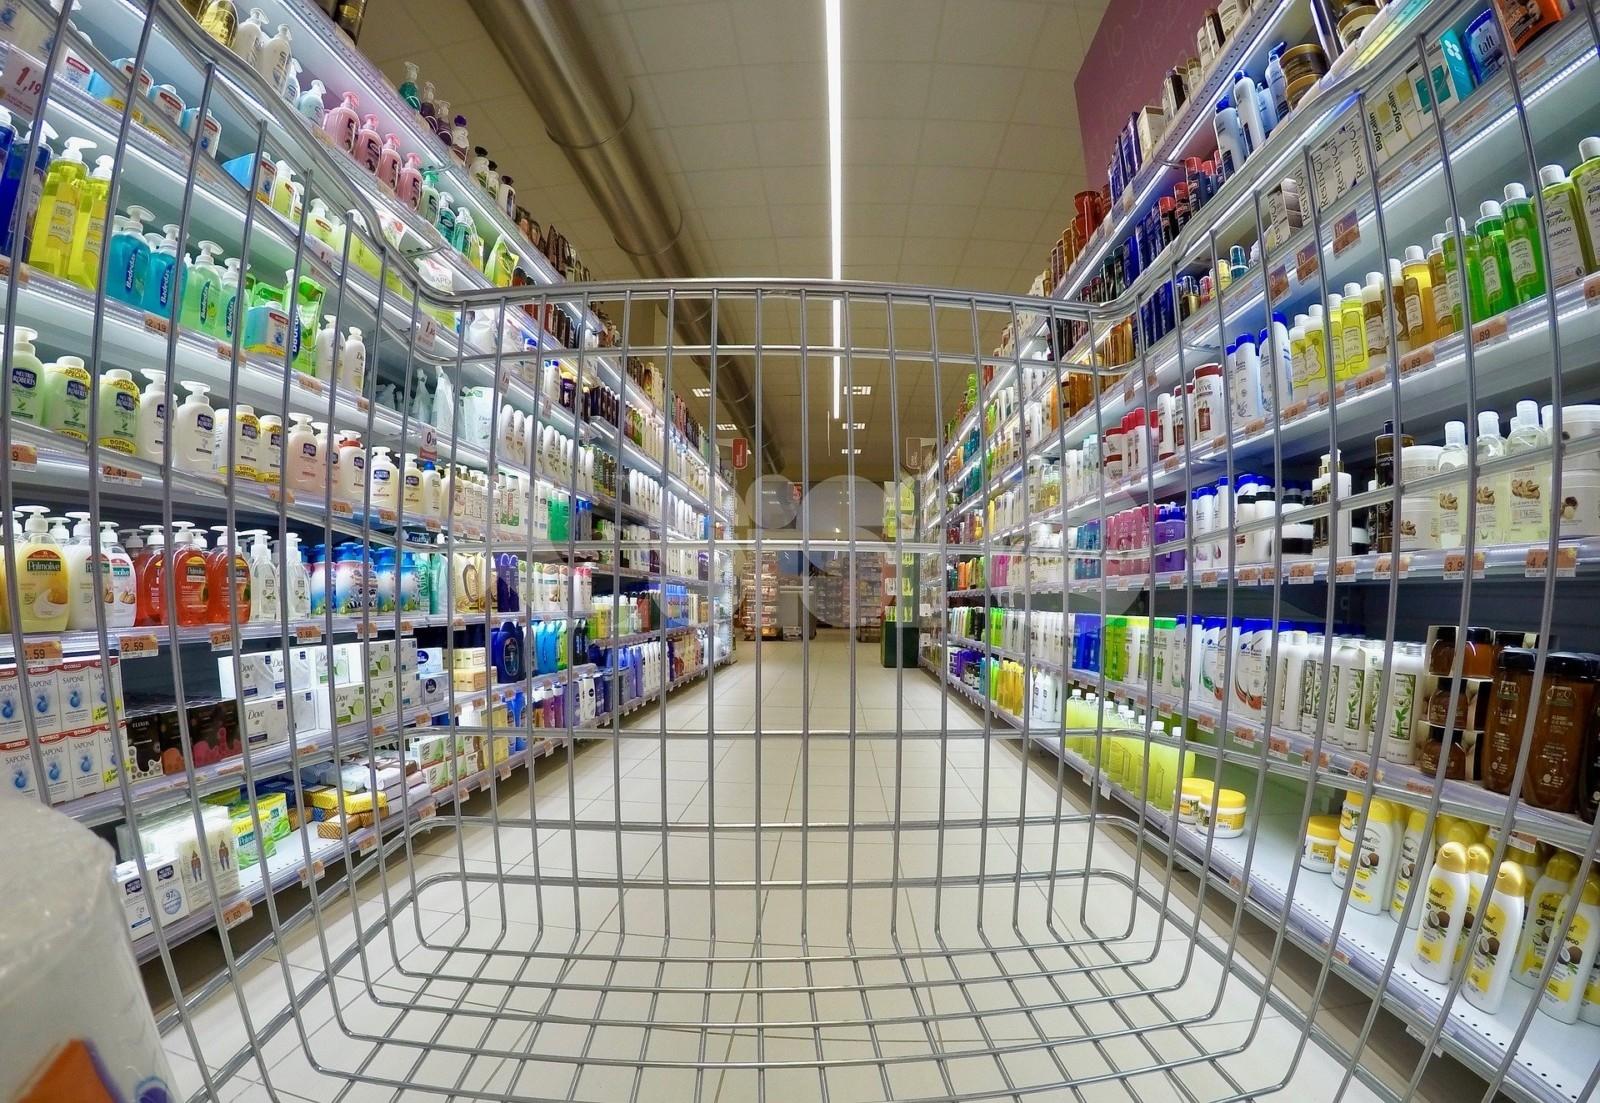 Buoni spesa per generi alimentari e di prima necessità, a Bastia pubblicato l'avviso di interesse